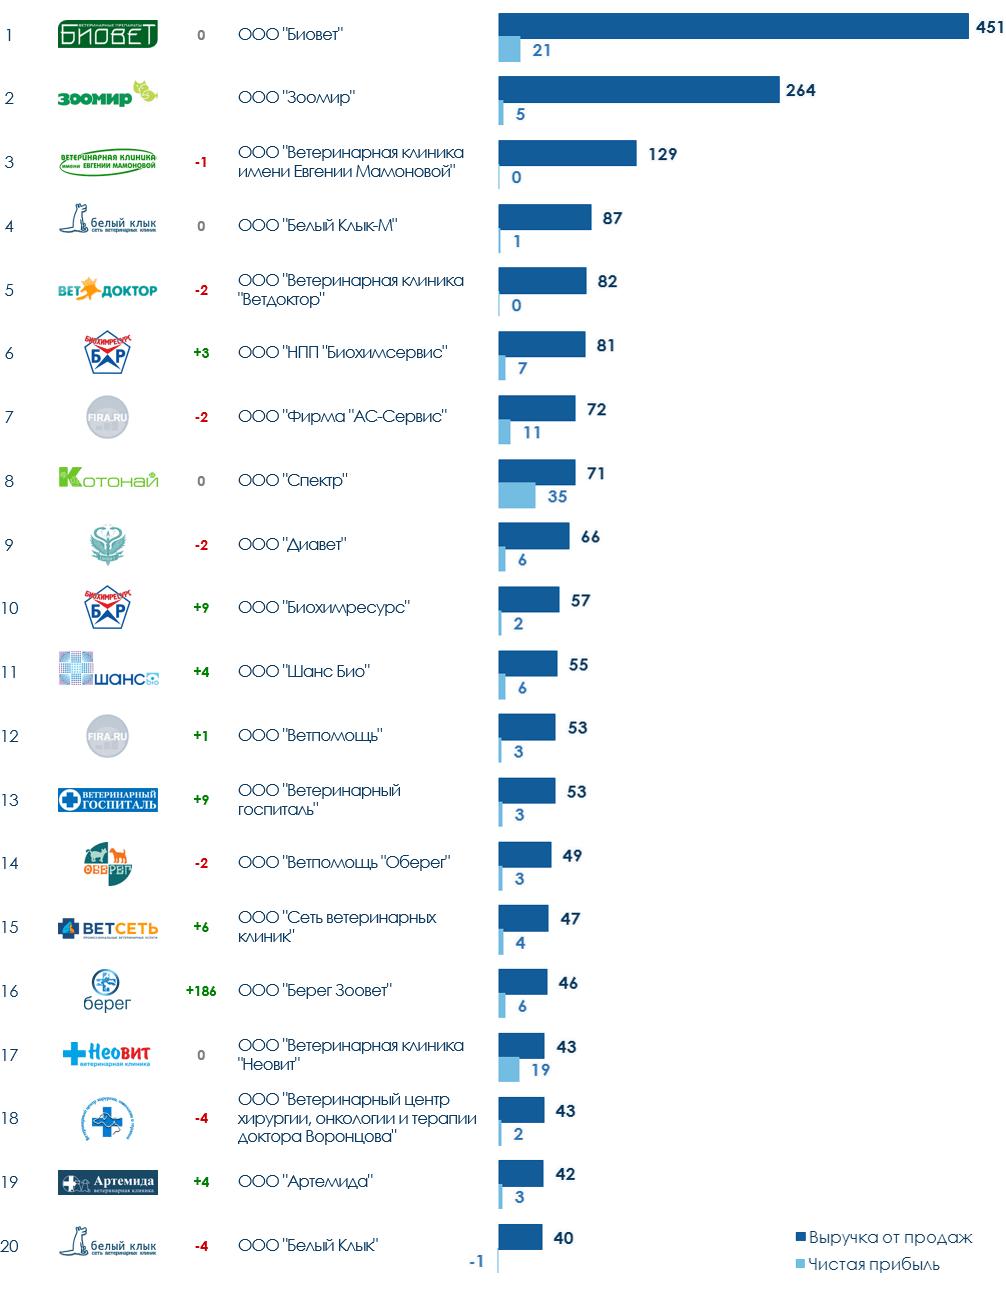 ТОП-20 ветеринарных компаний России